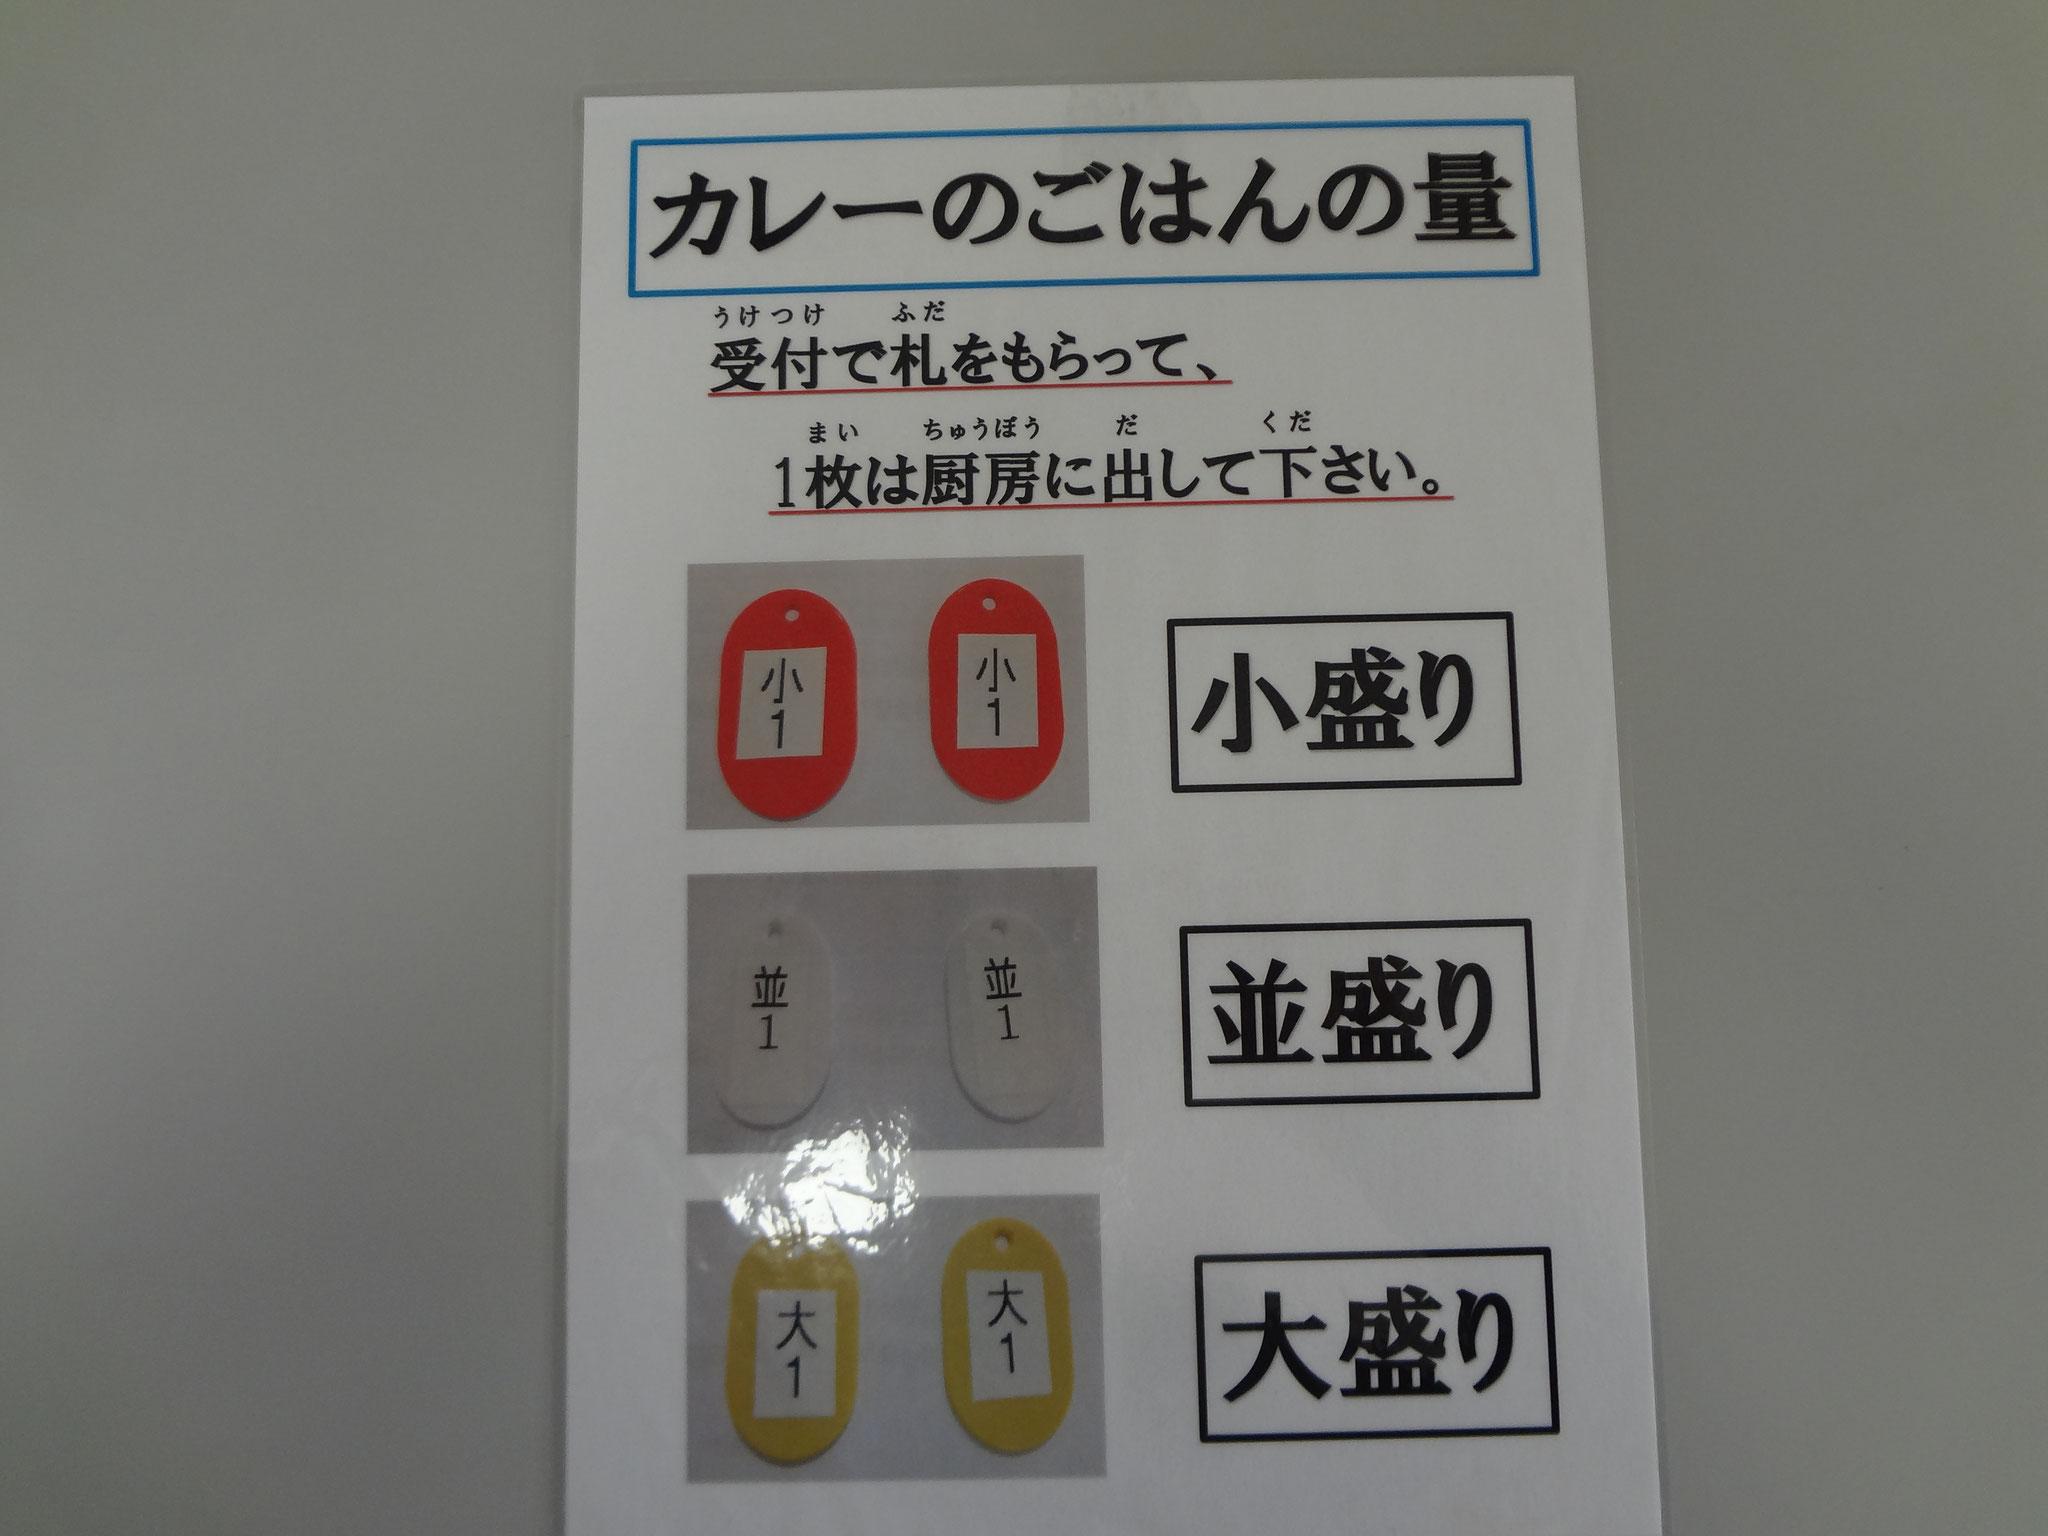 並、小盛、大盛にお子様用に甘口が有ります。デモ時のアンケートから採用されました。